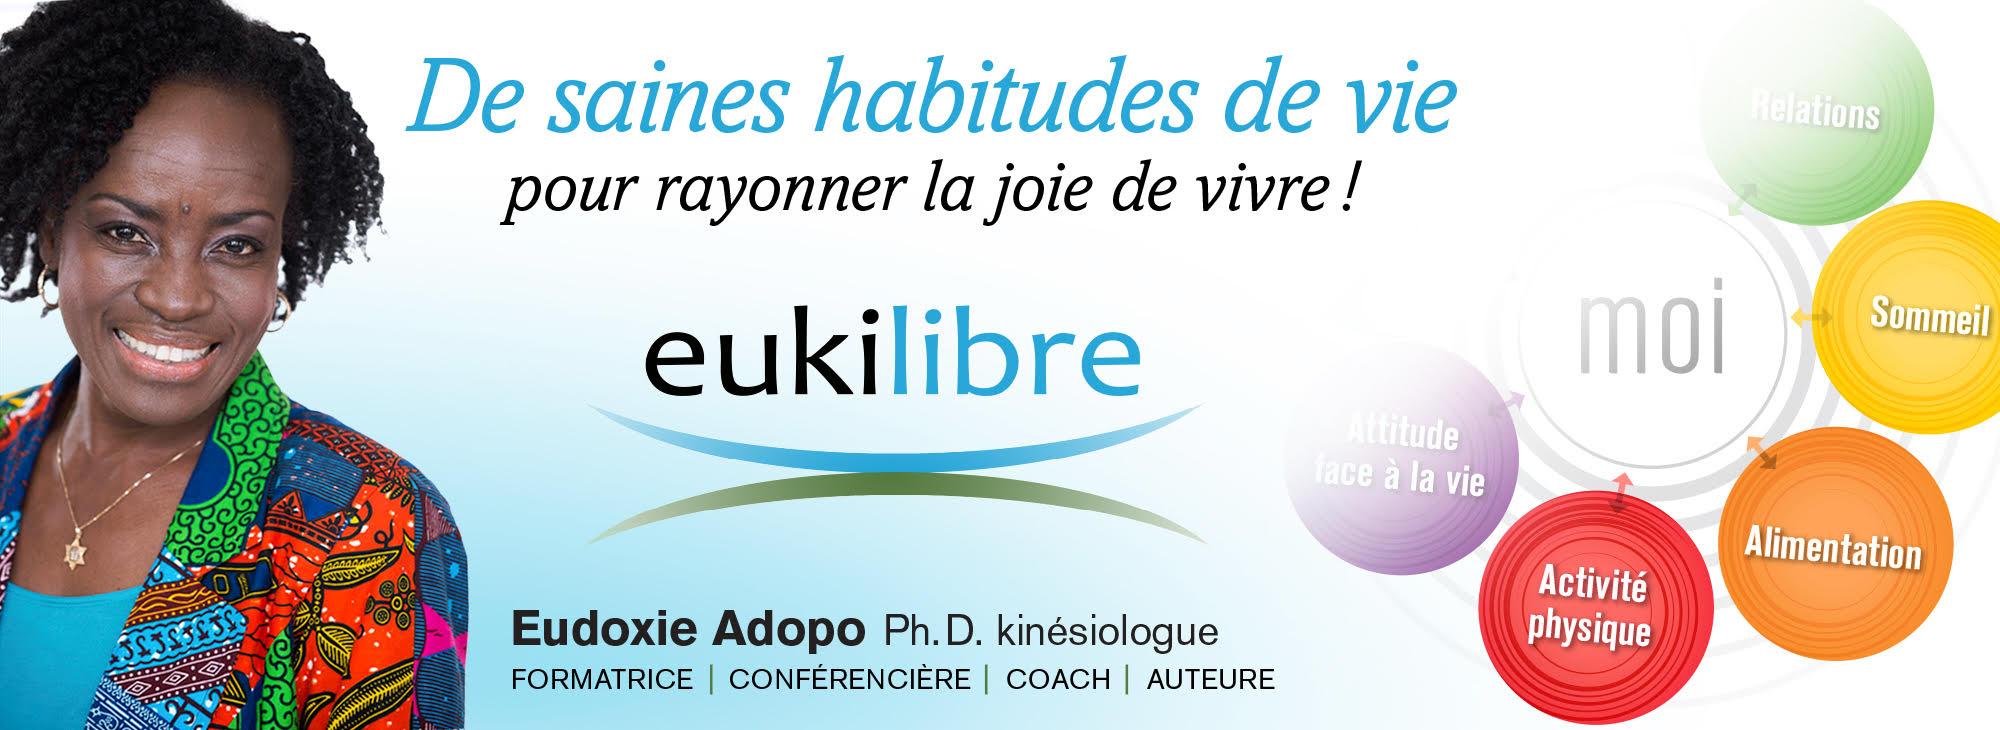 Bannière Site Eukilibre